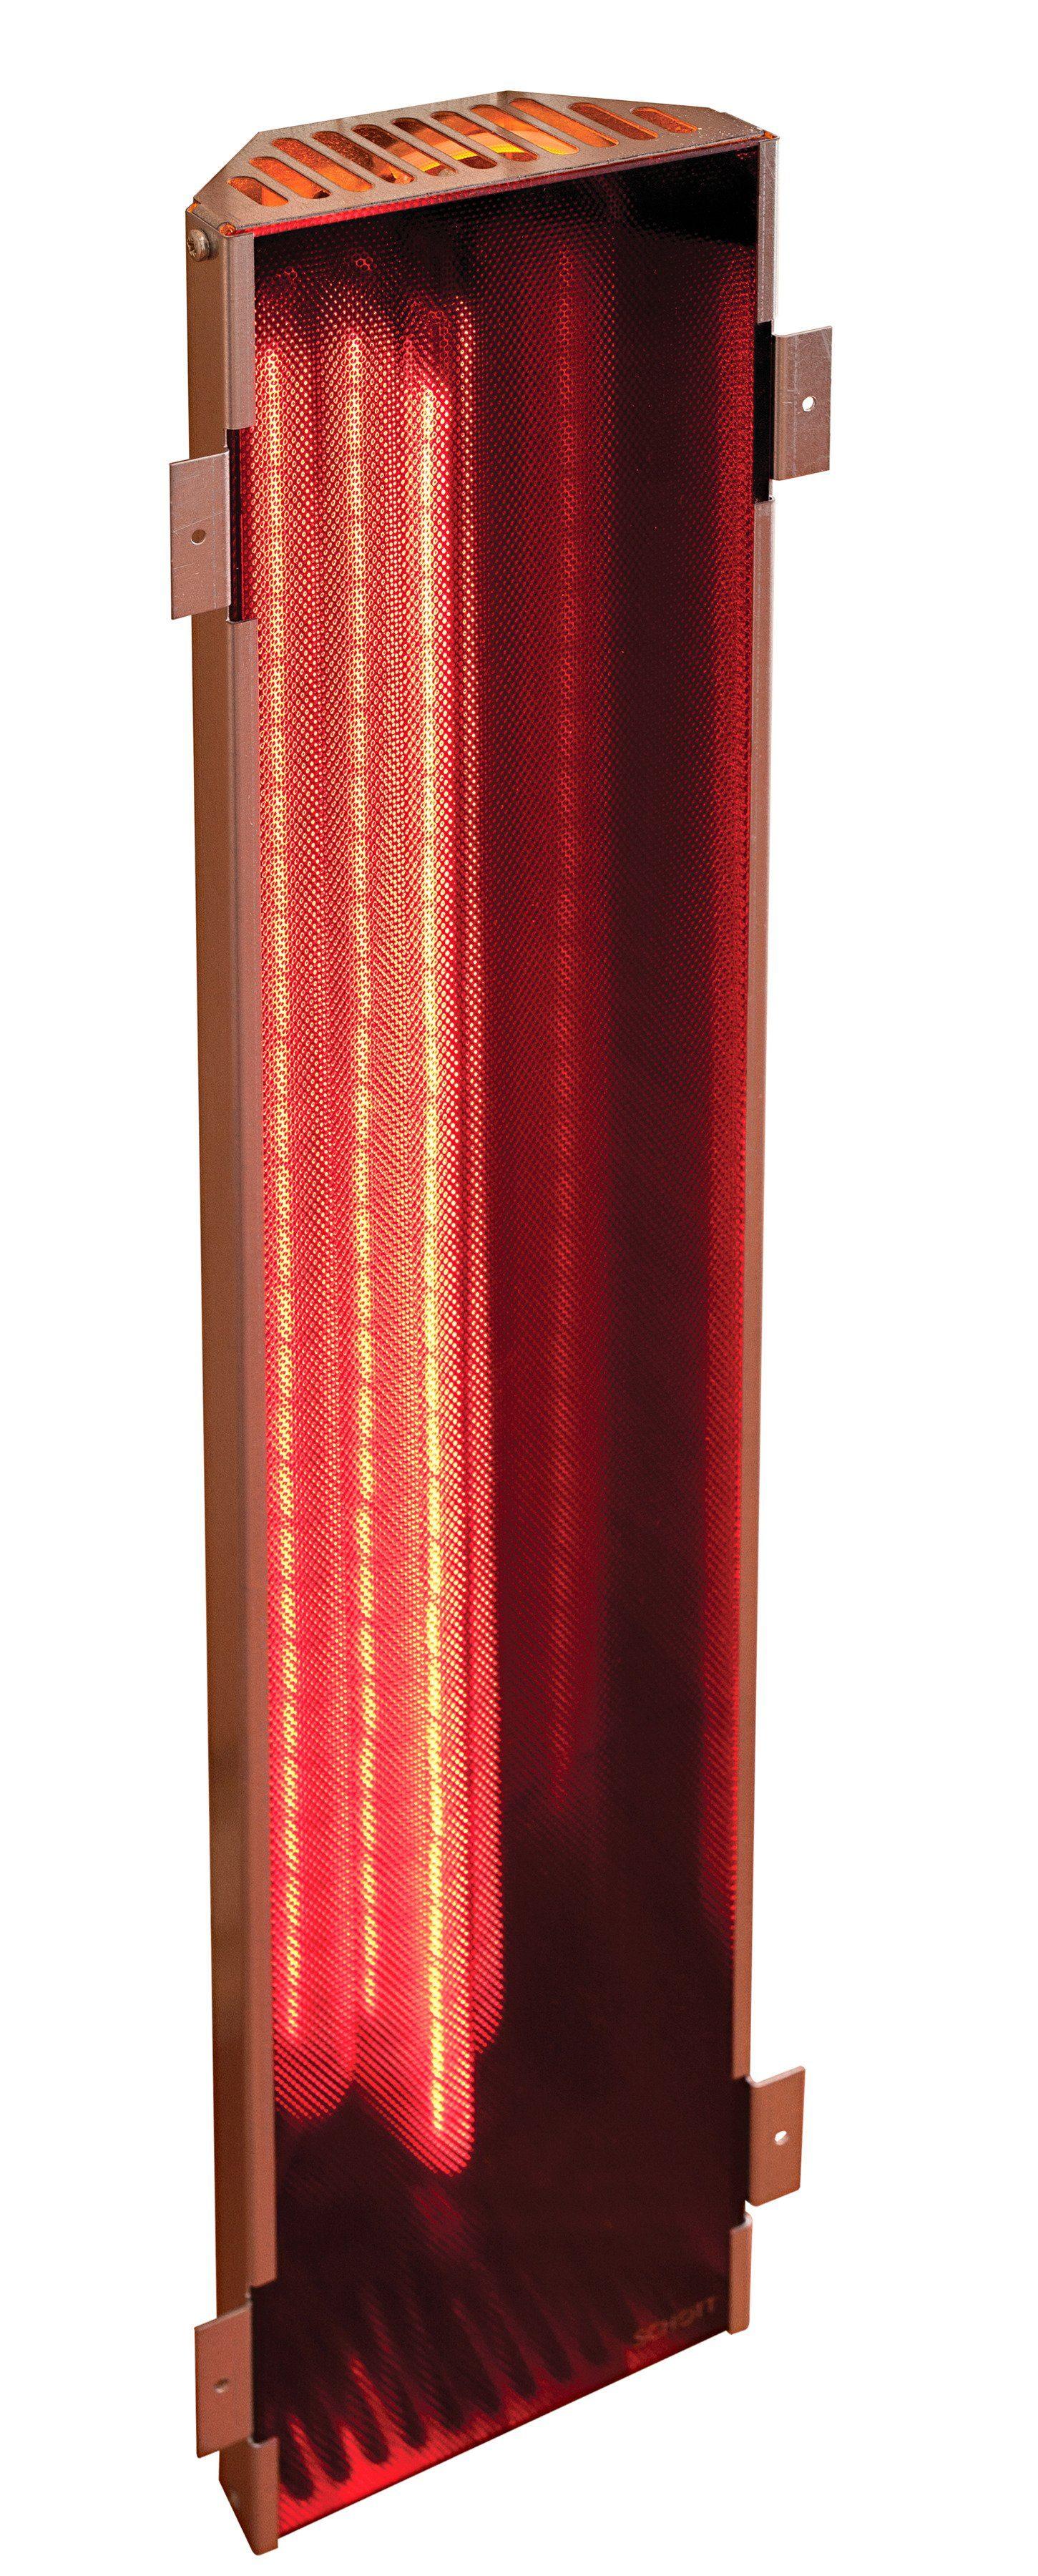 KARIBU Nextrema-Strahler »B«, mit 2 Rücken- und 2 Frontstrahlern